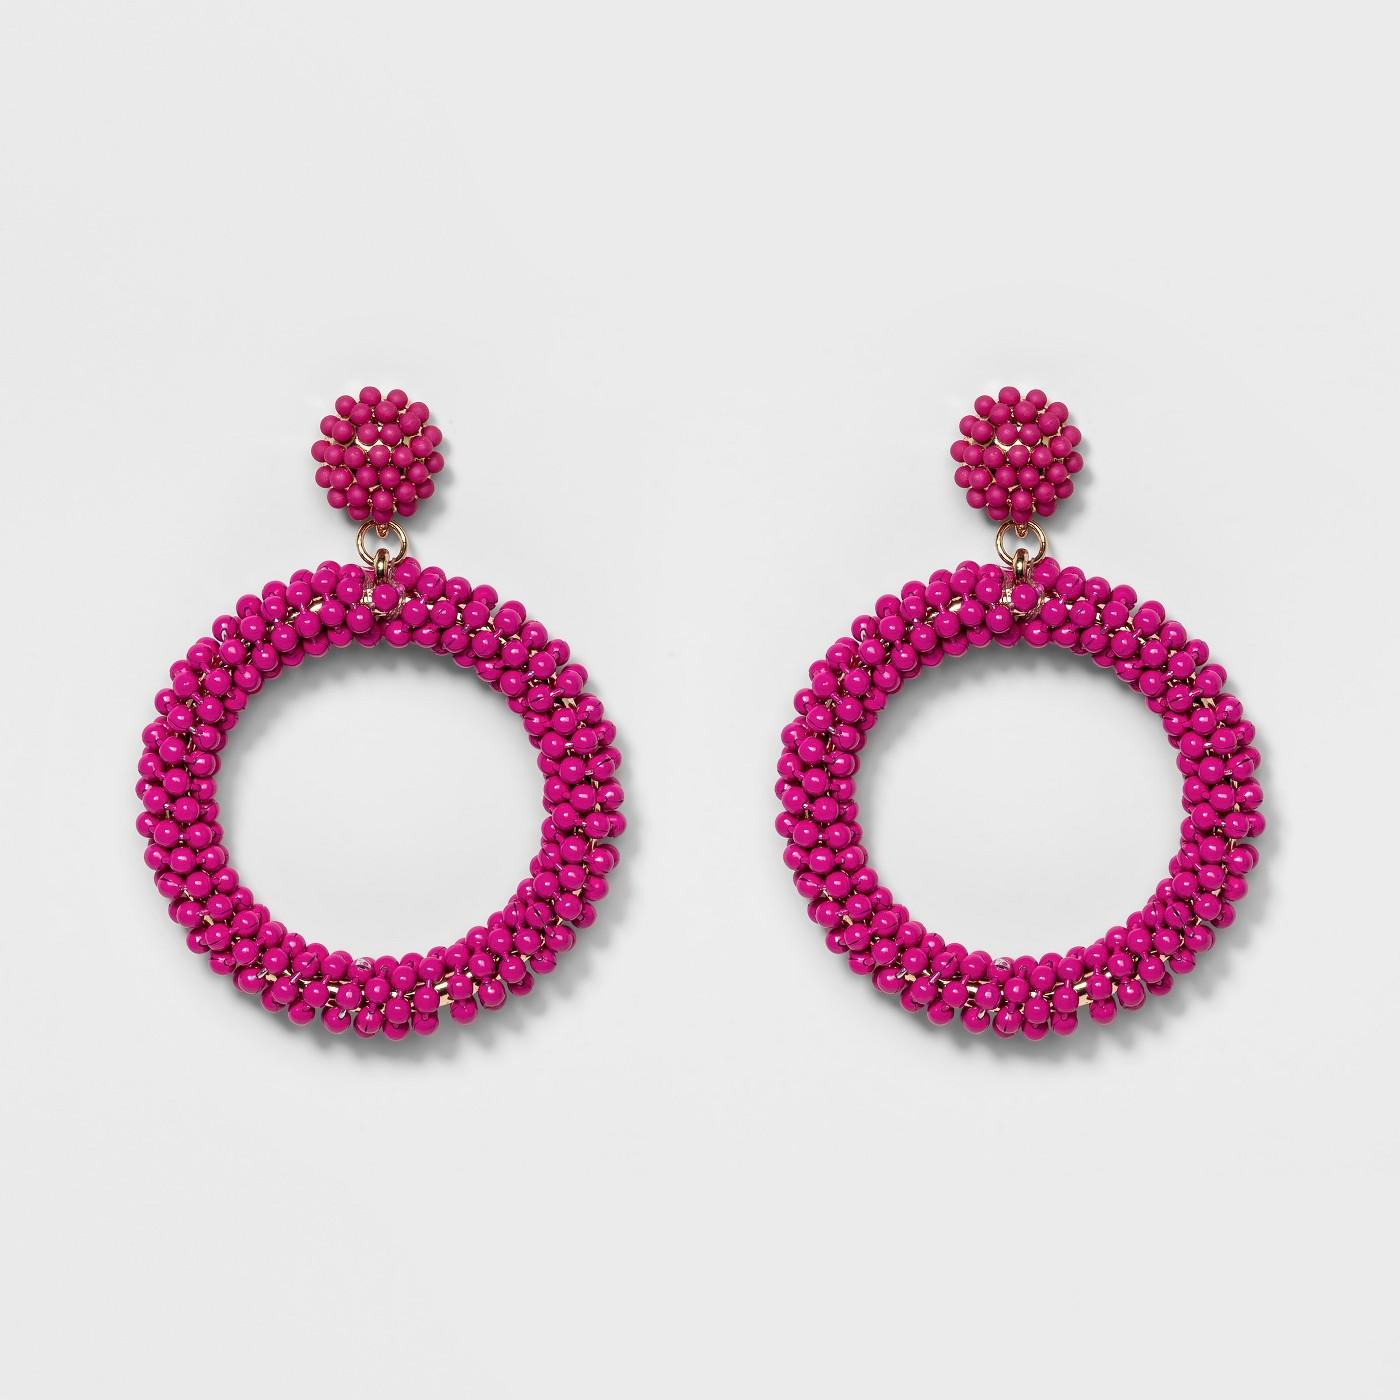 SUGARFIX by BaubleBar Beaded Hoop Earrings - image 1 of 2